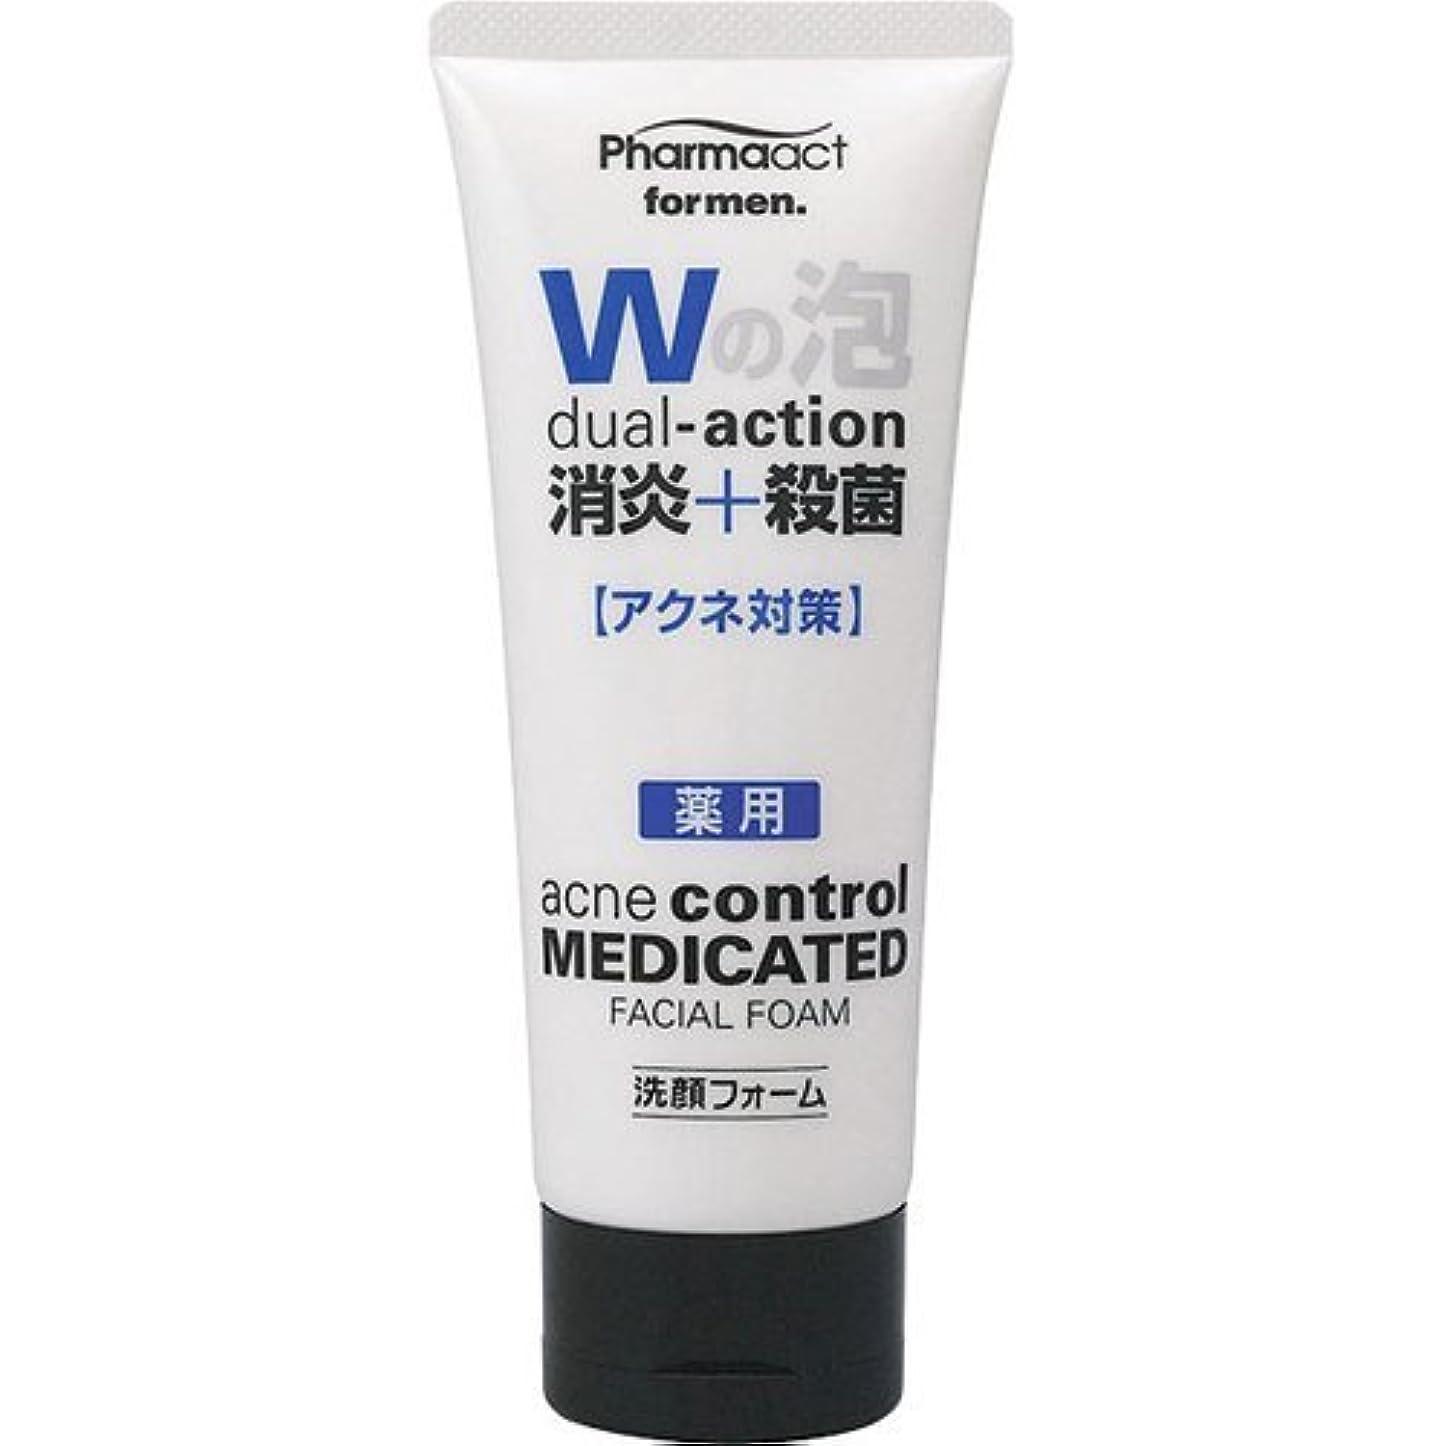 りフレームワーク邪魔するファーマアクト メンズ消炎+殺菌 薬用洗顔フォーム 130g